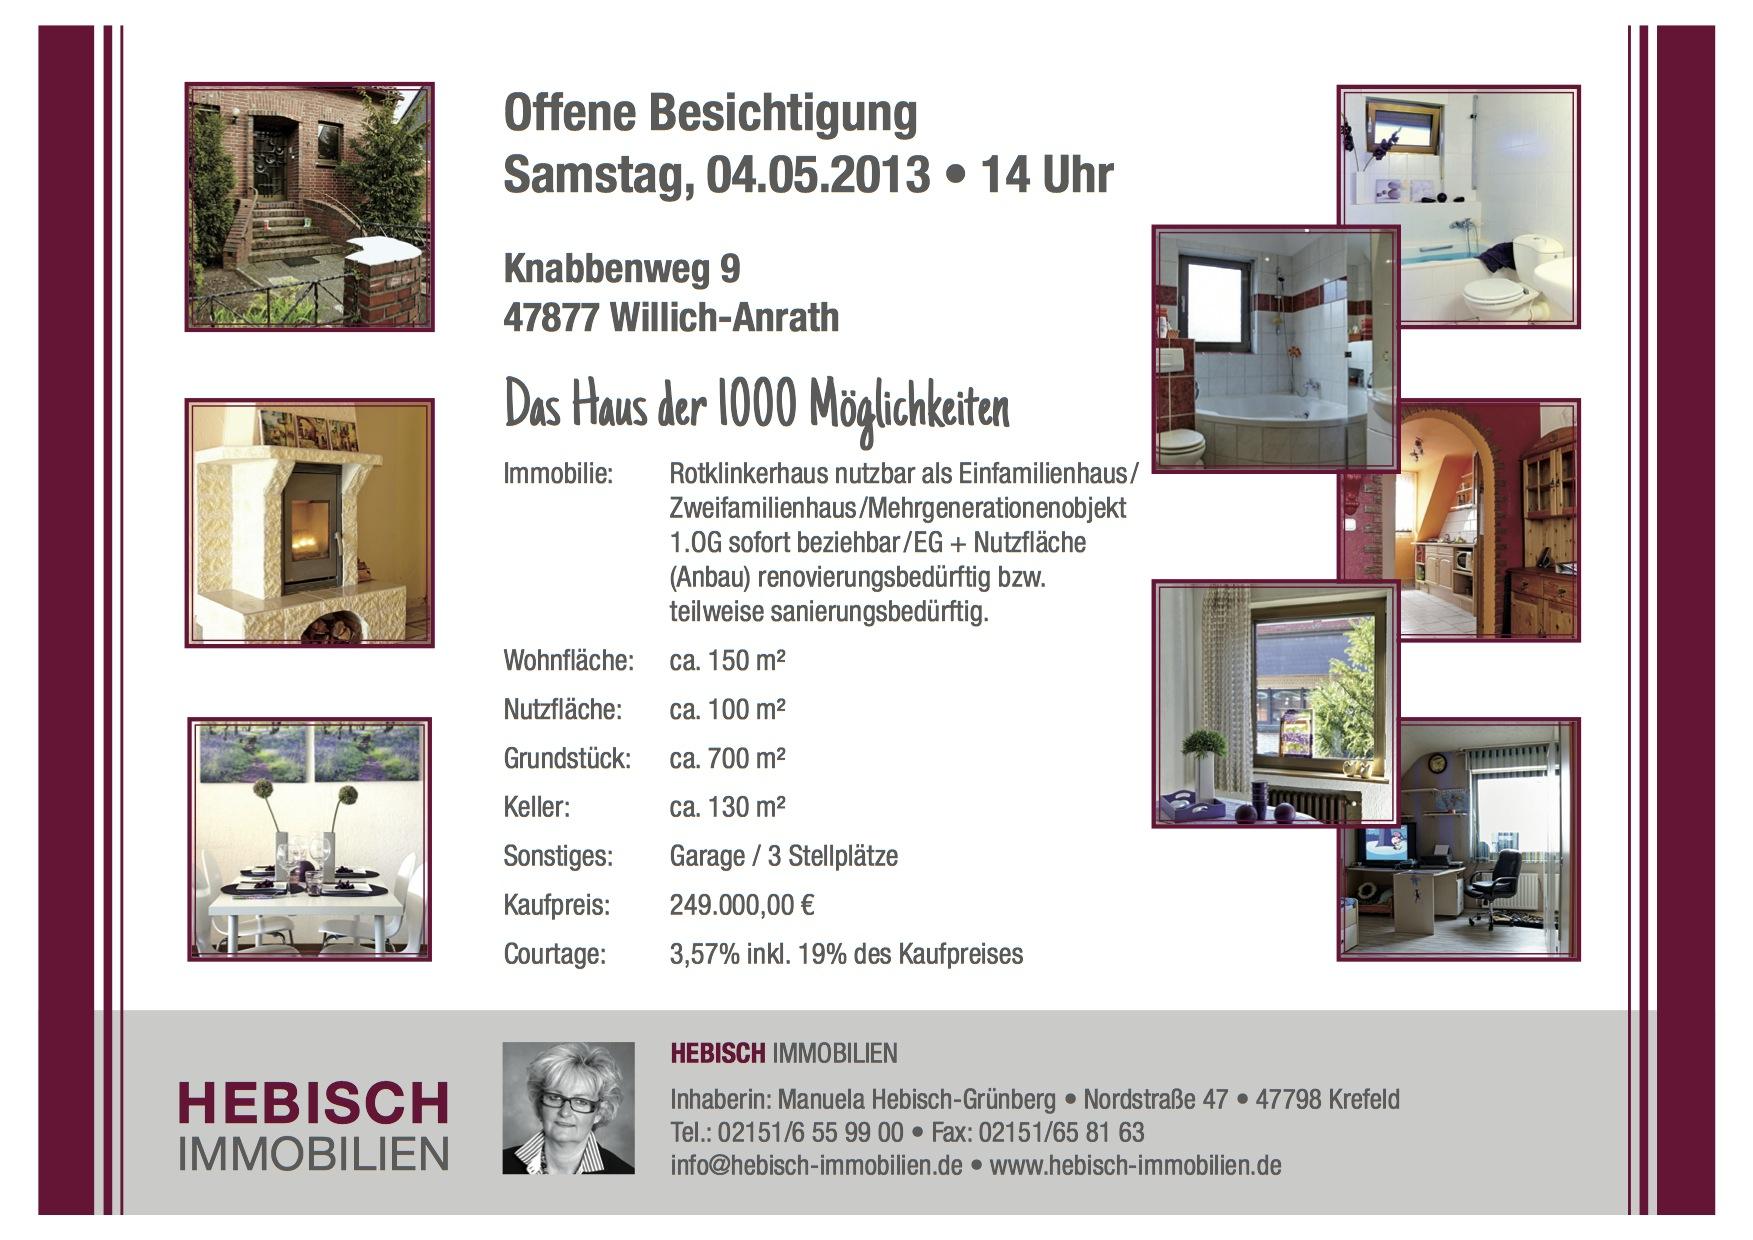 Hebisch Immobilien album